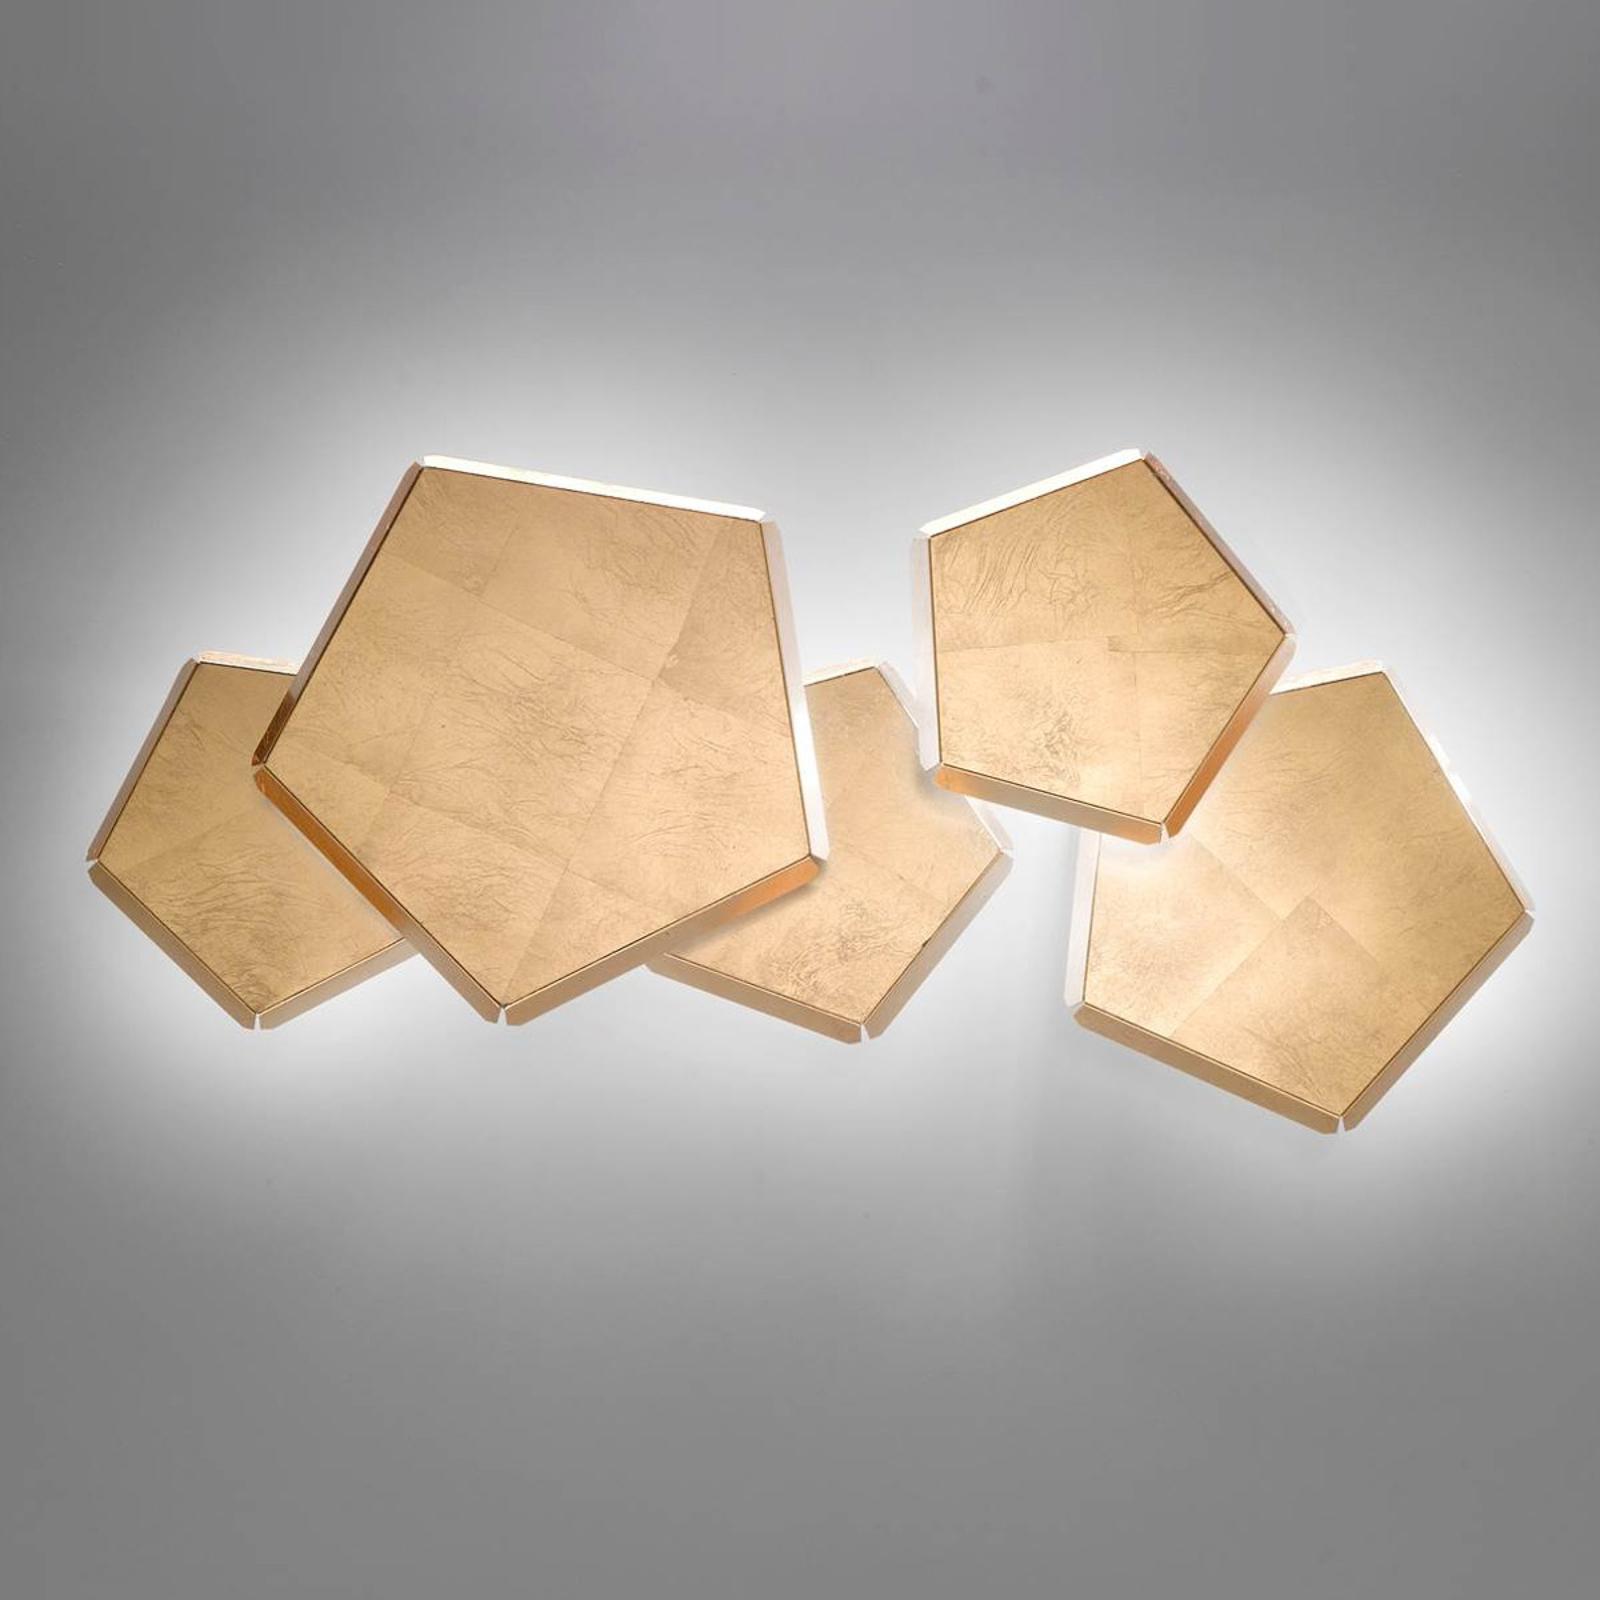 LED-vägglampa Pleiadi med bladguld, 5 lampor